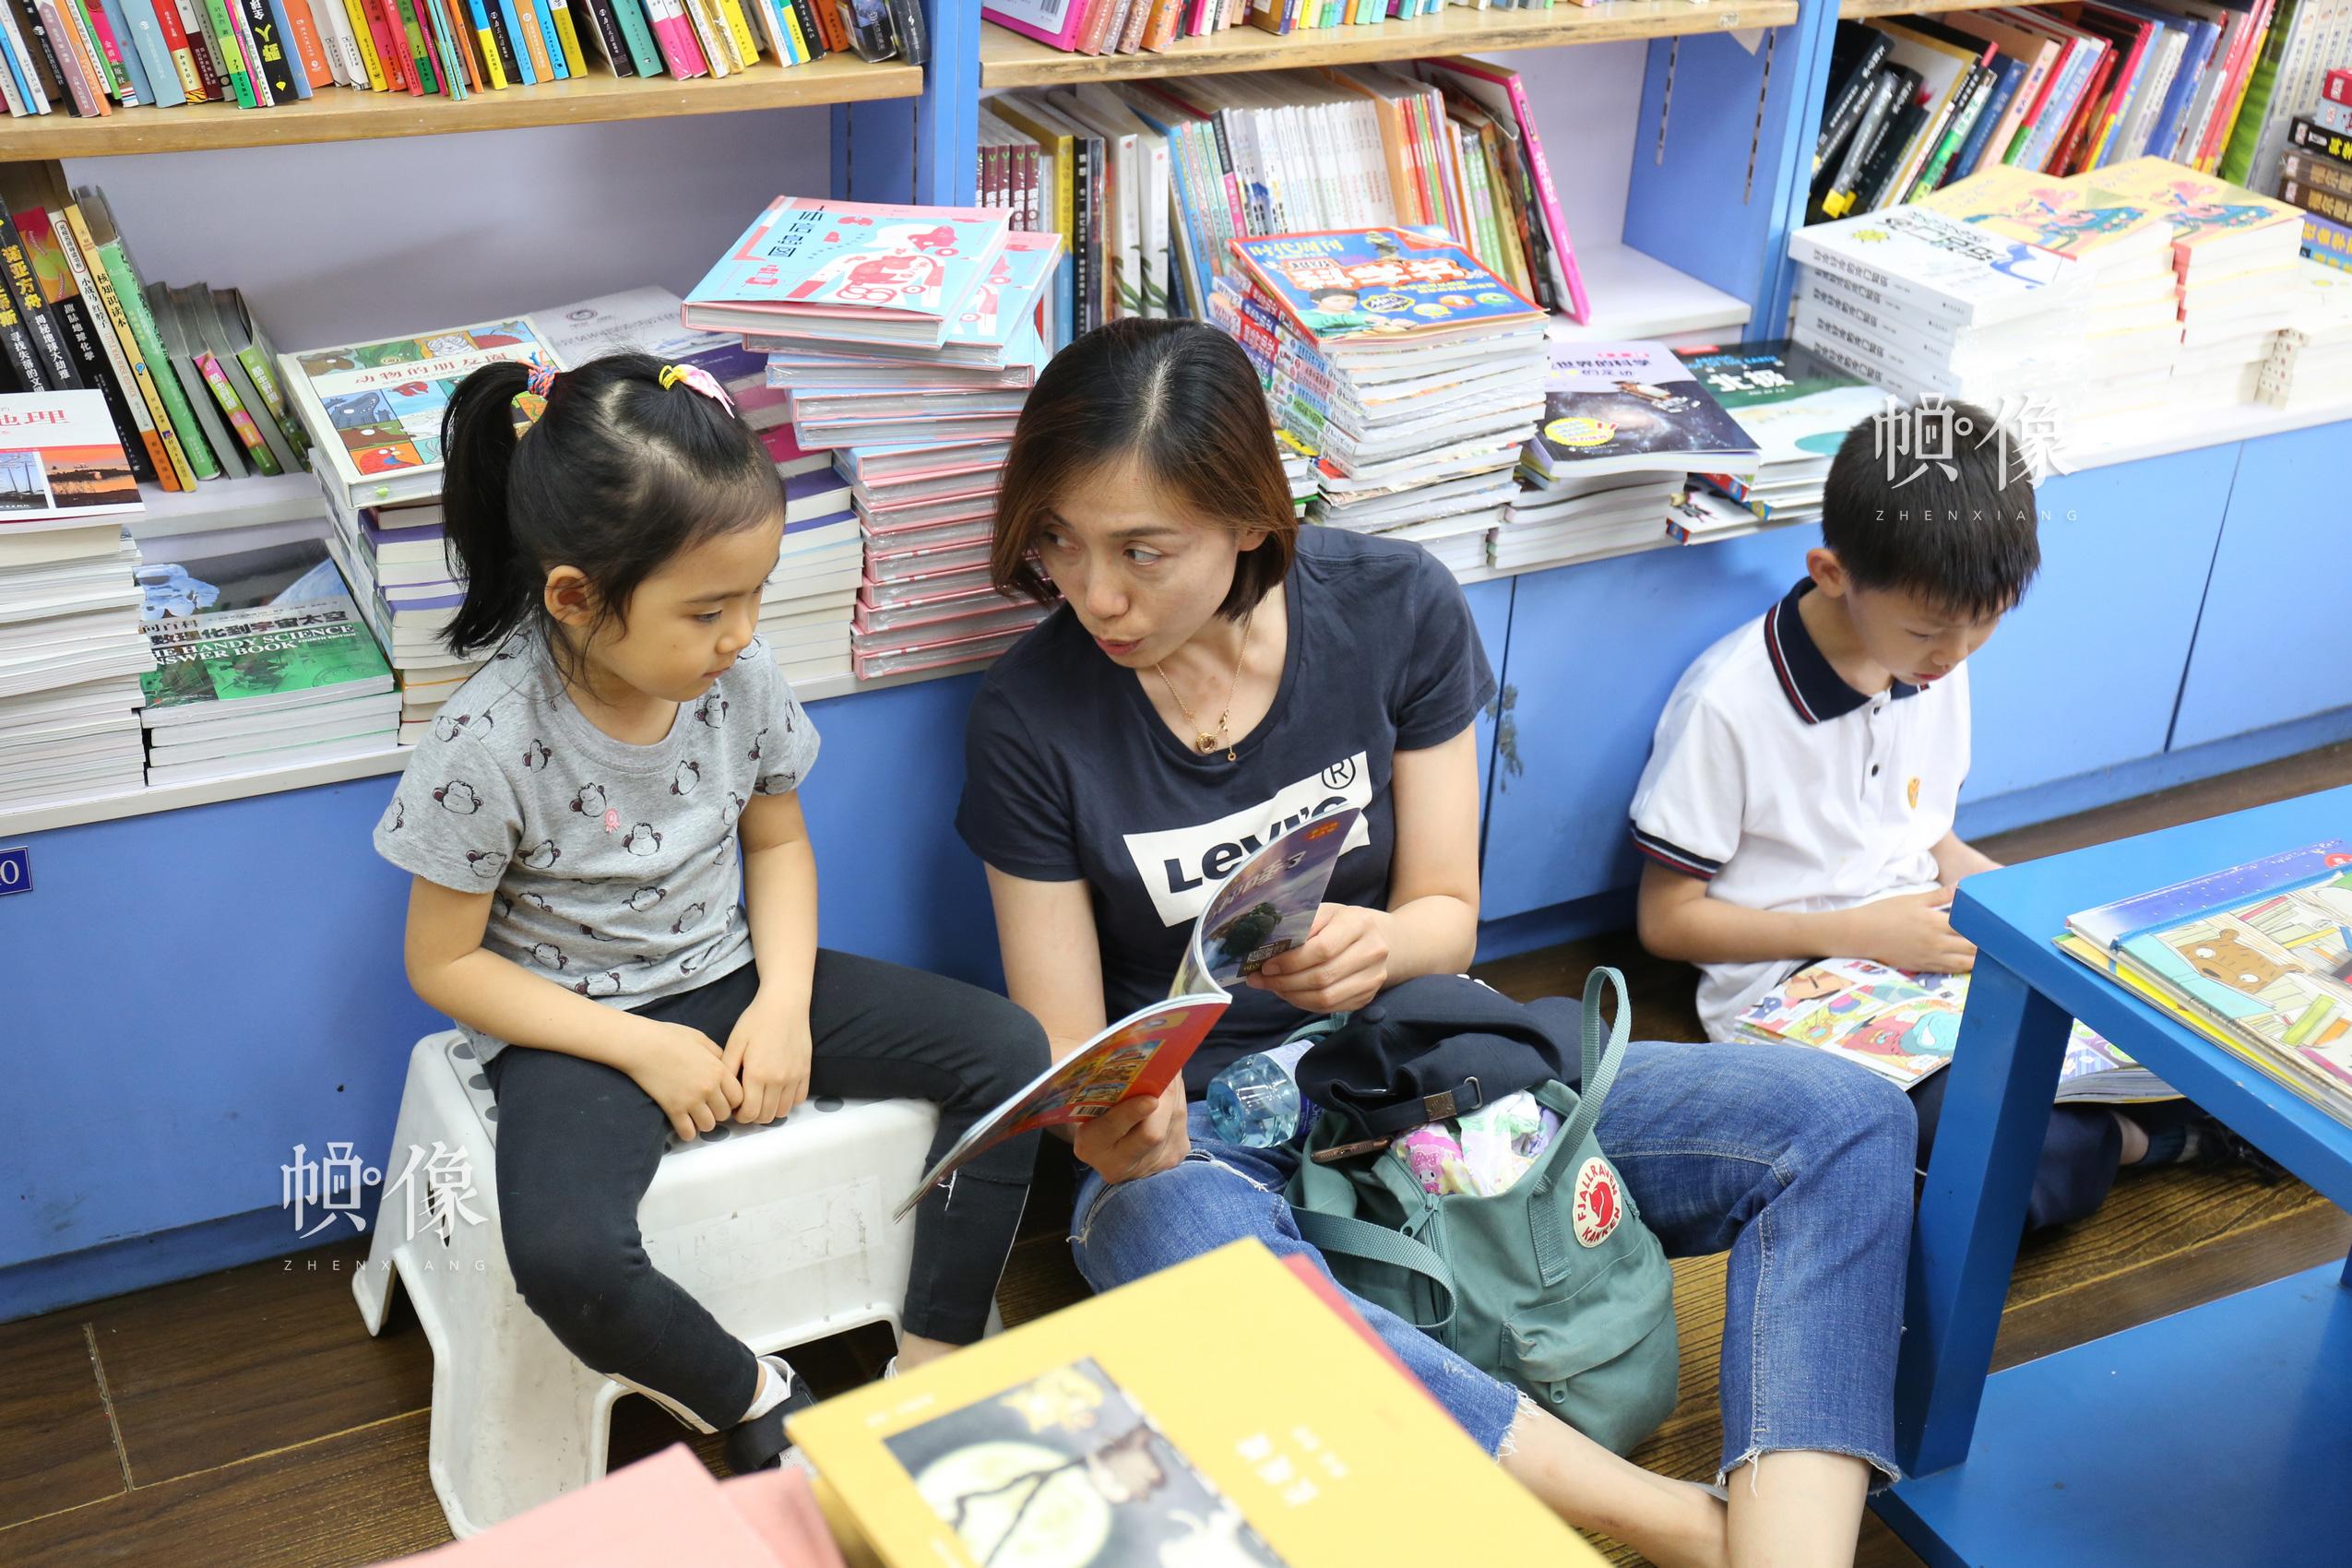 5月23日,北京三联书店美术馆店,一位妈妈给女儿读书。 中国网记者 赵超 摄